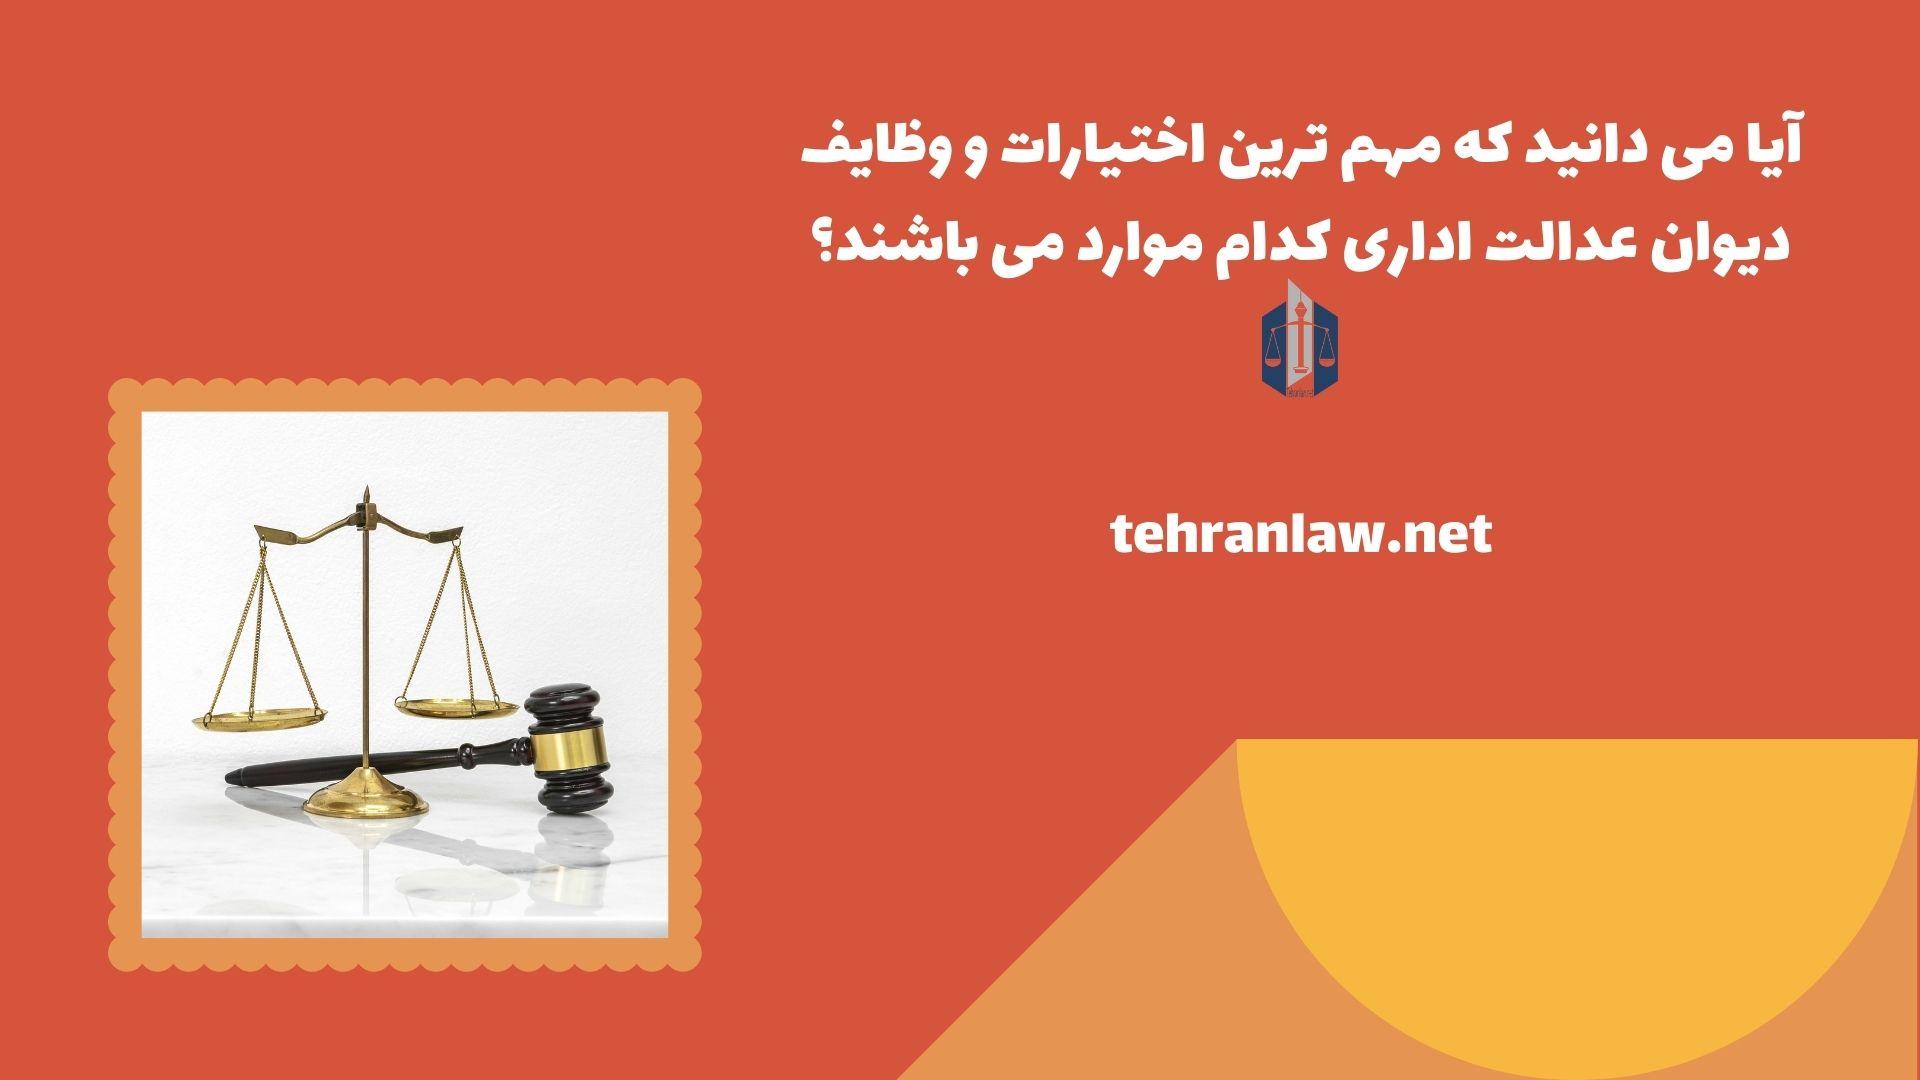 آیا می دانید که مهم ترین اختیارات و وظایف دیوان عدالت اداری کدام موارد می باشند؟